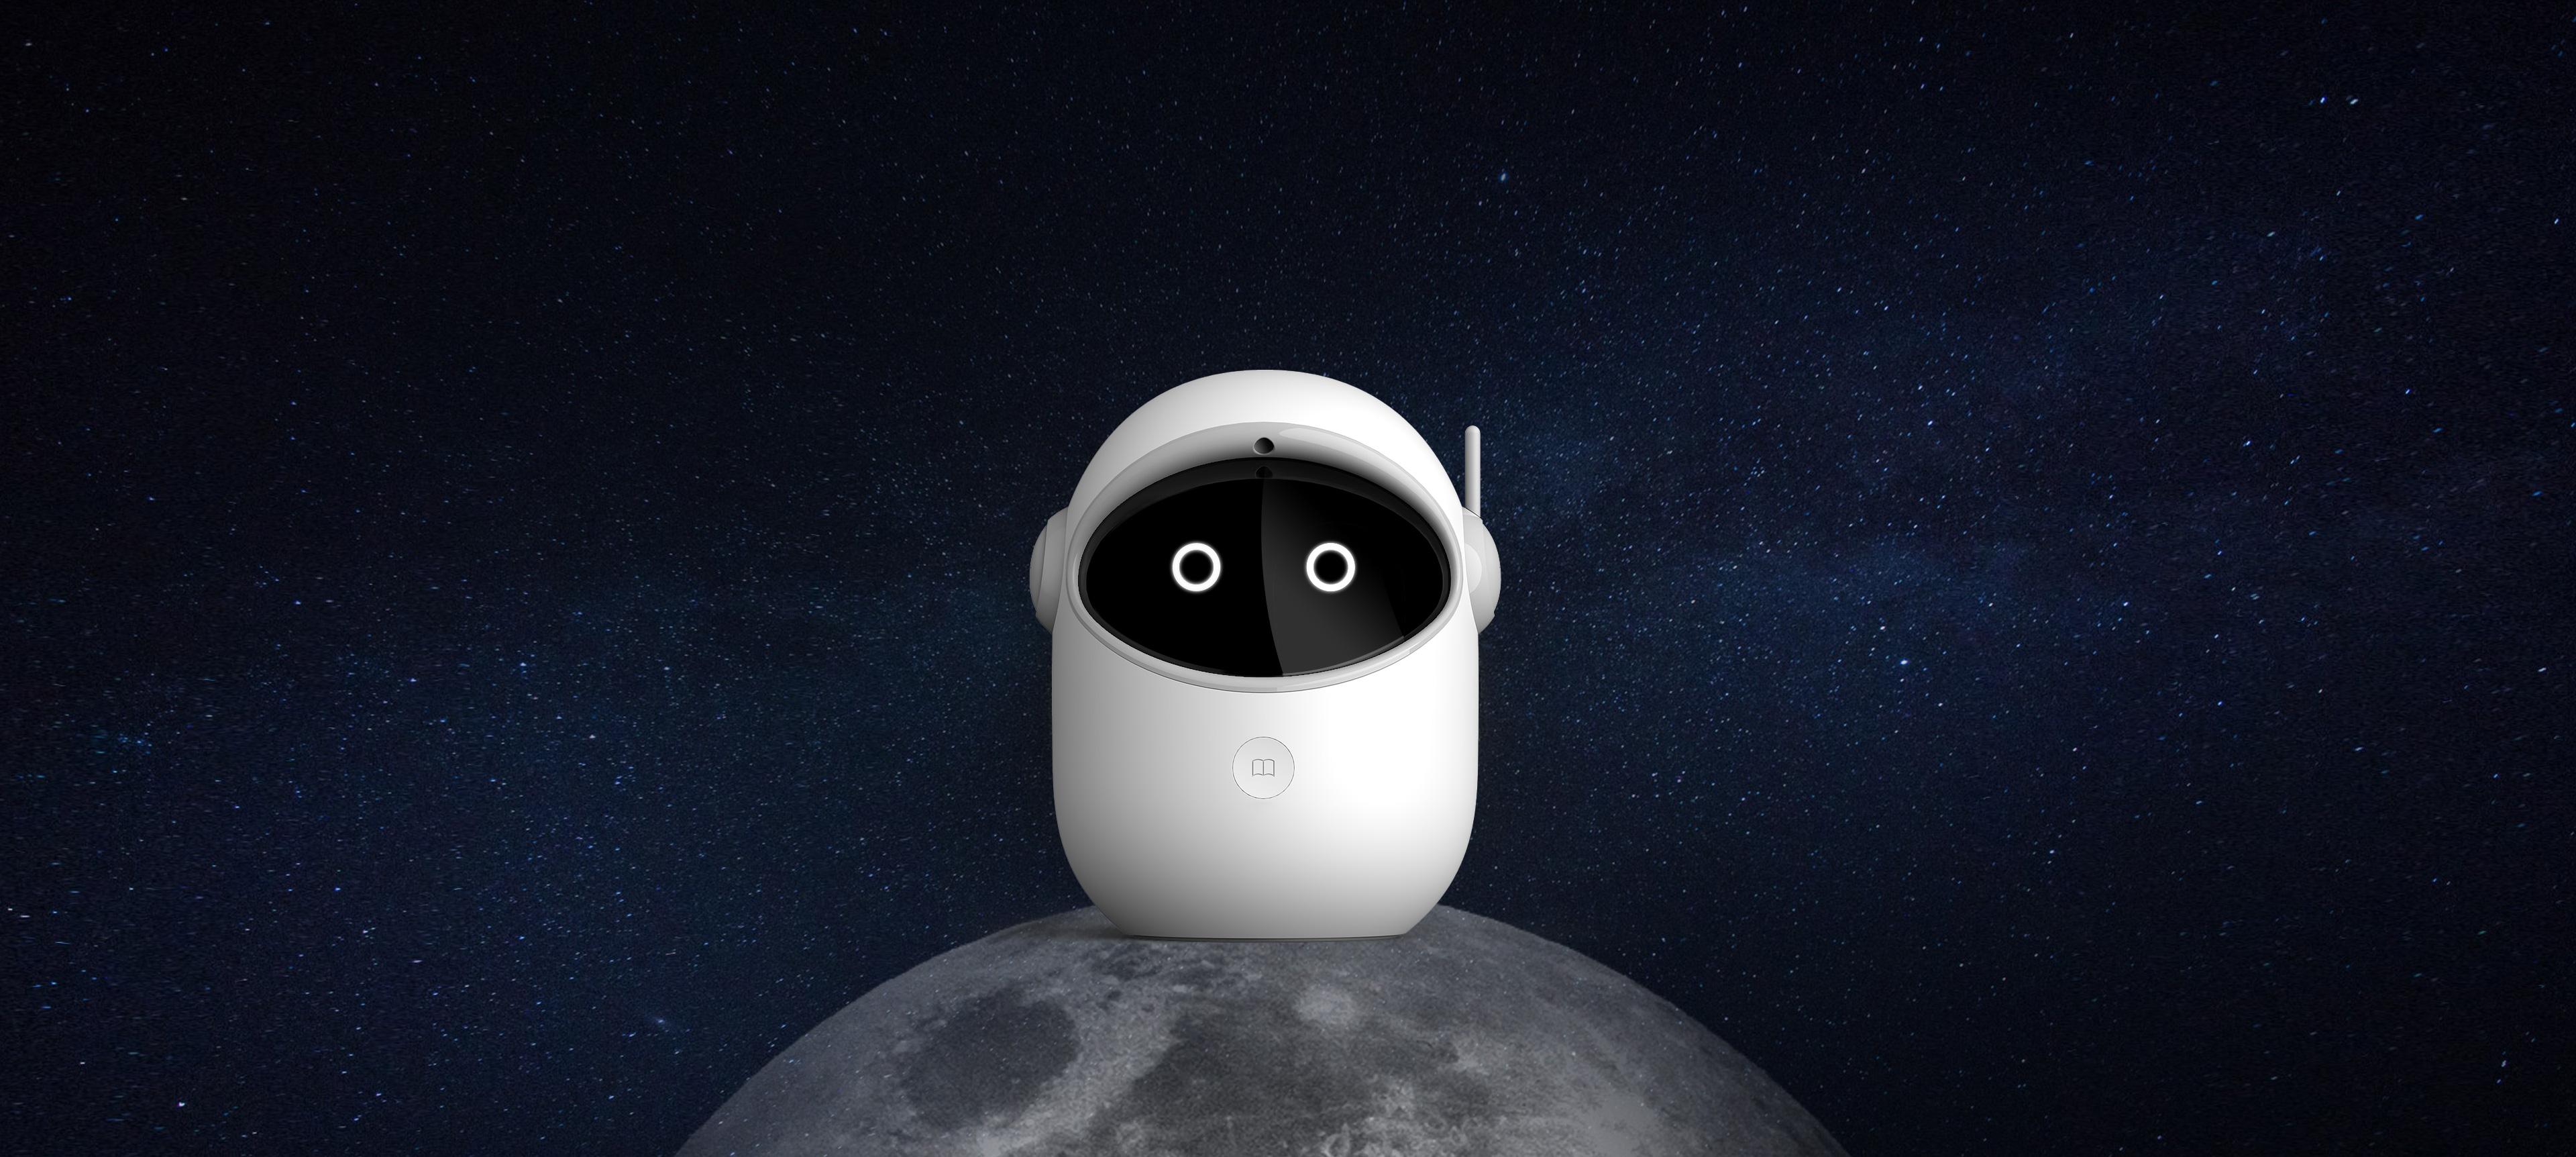 Astronaut_心品工业设计